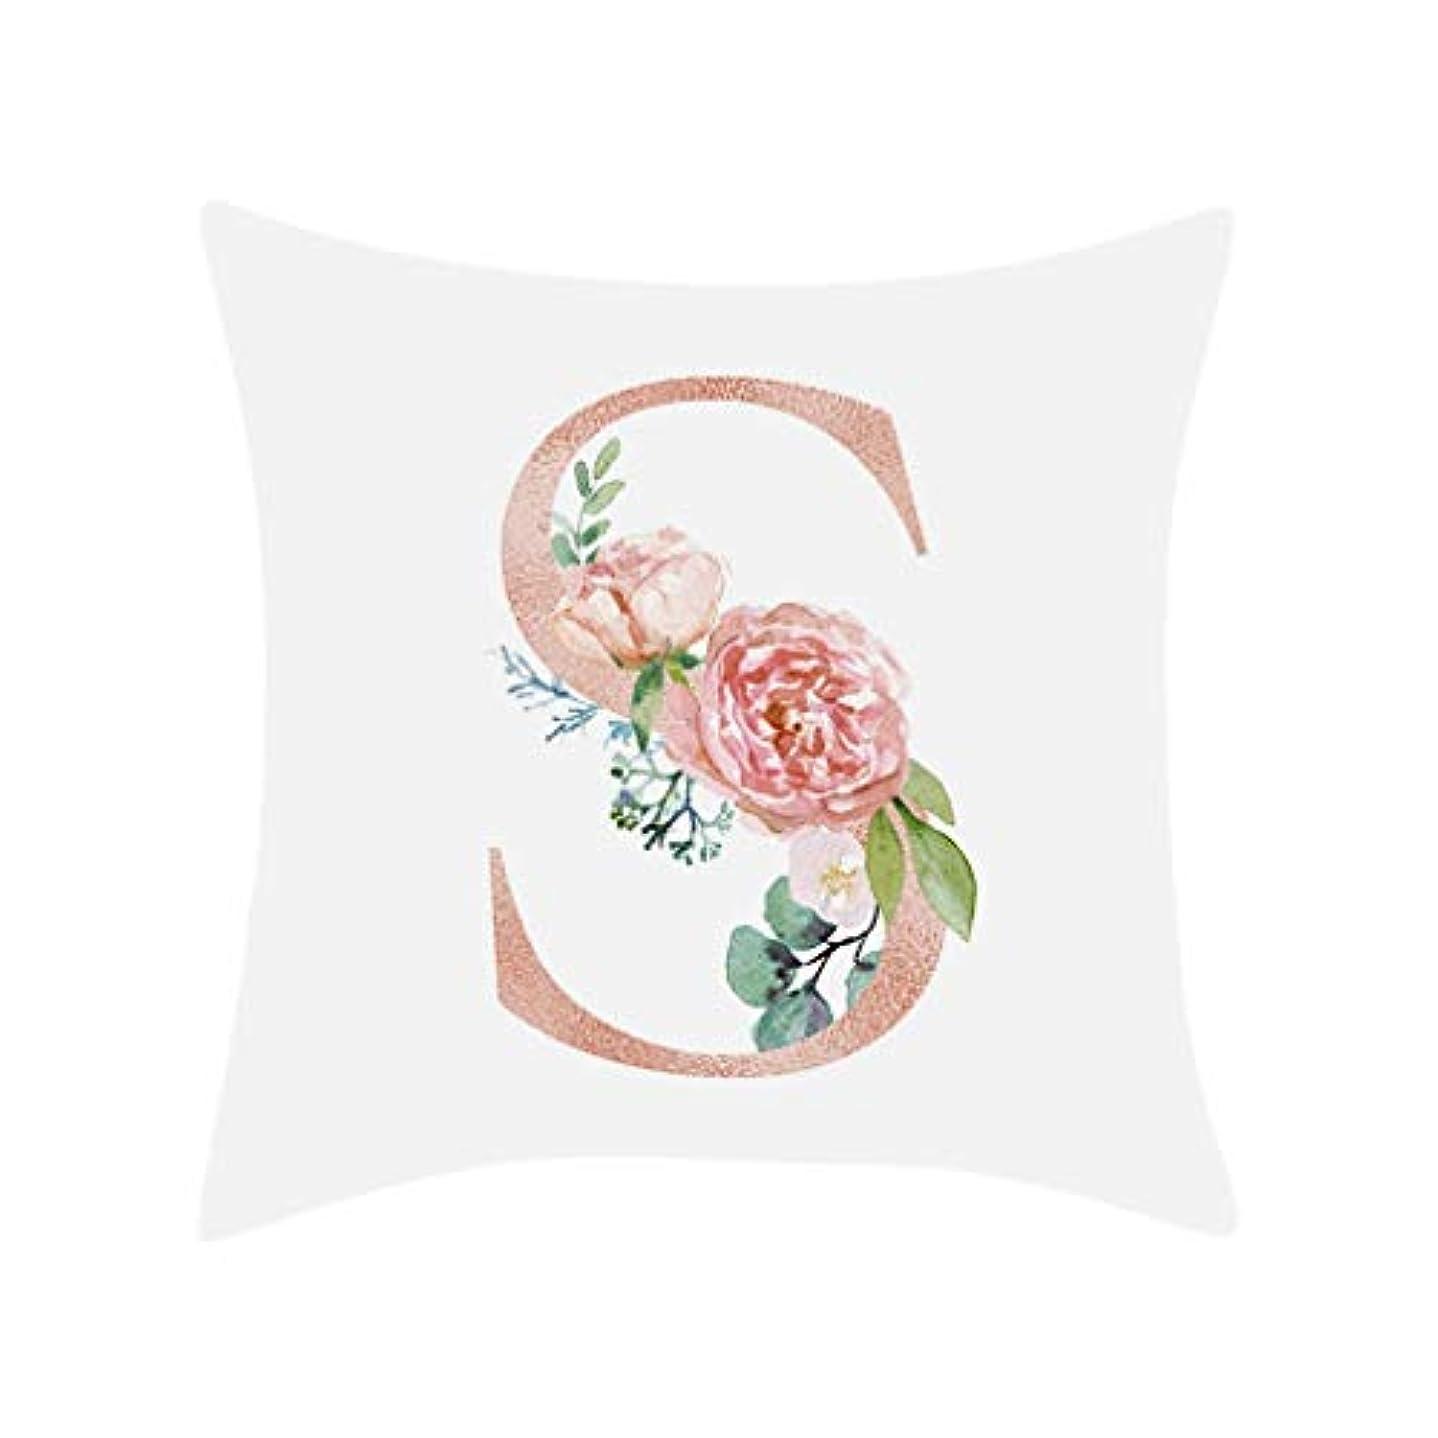 気球うつ雲LIFE 装飾クッションソファ手紙枕アルファベットクッション印刷ソファ家の装飾の花枕 coussin decoratif クッション 椅子